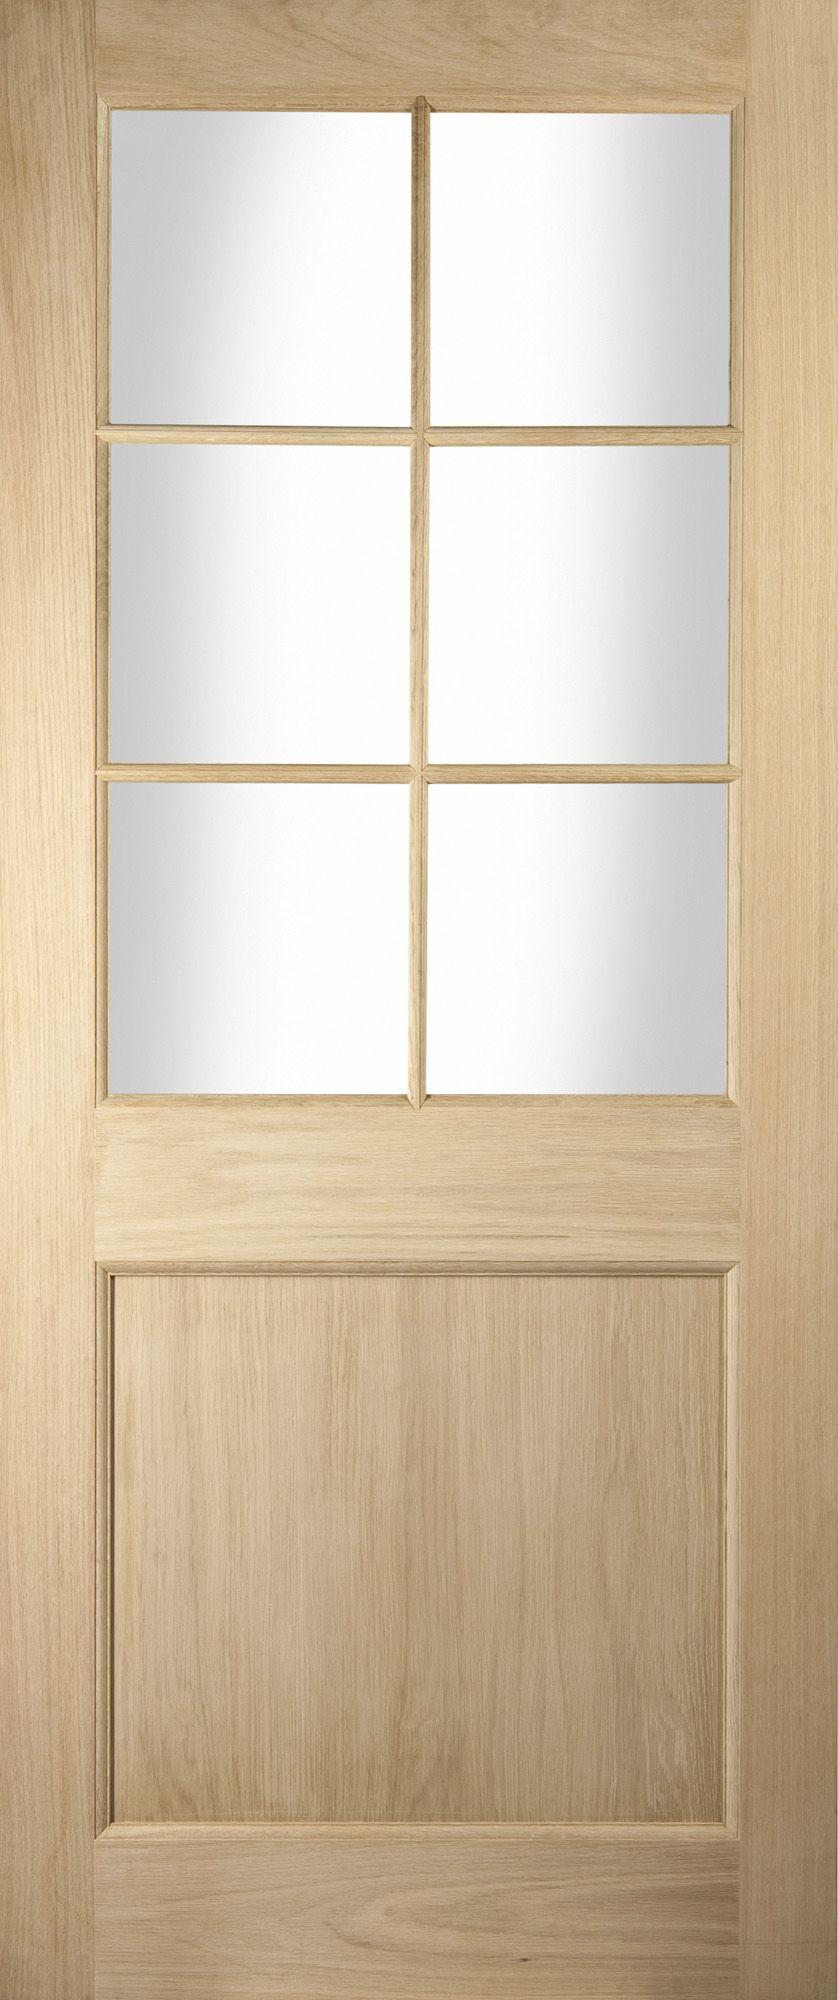 How To Paint Oak Veneer Furniture